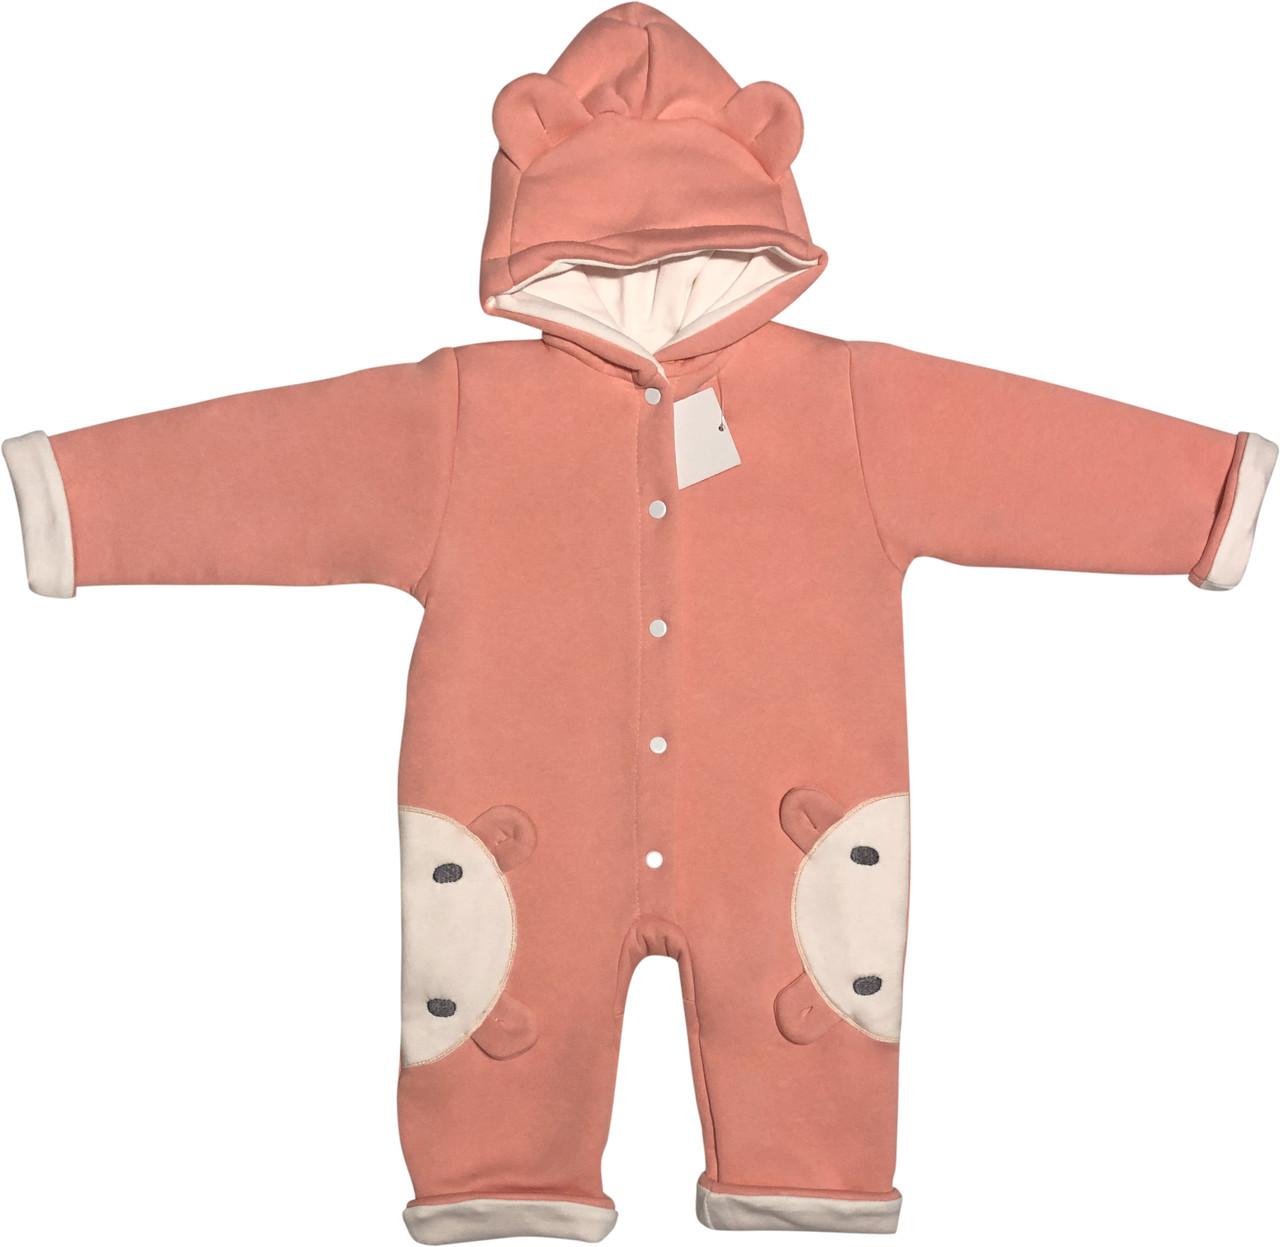 Детский утеплённый человечек с подкладкой рост 74 6-9 мес трикотажный персиковый на девочку слип с капюшоном для новорожденных малышей П700